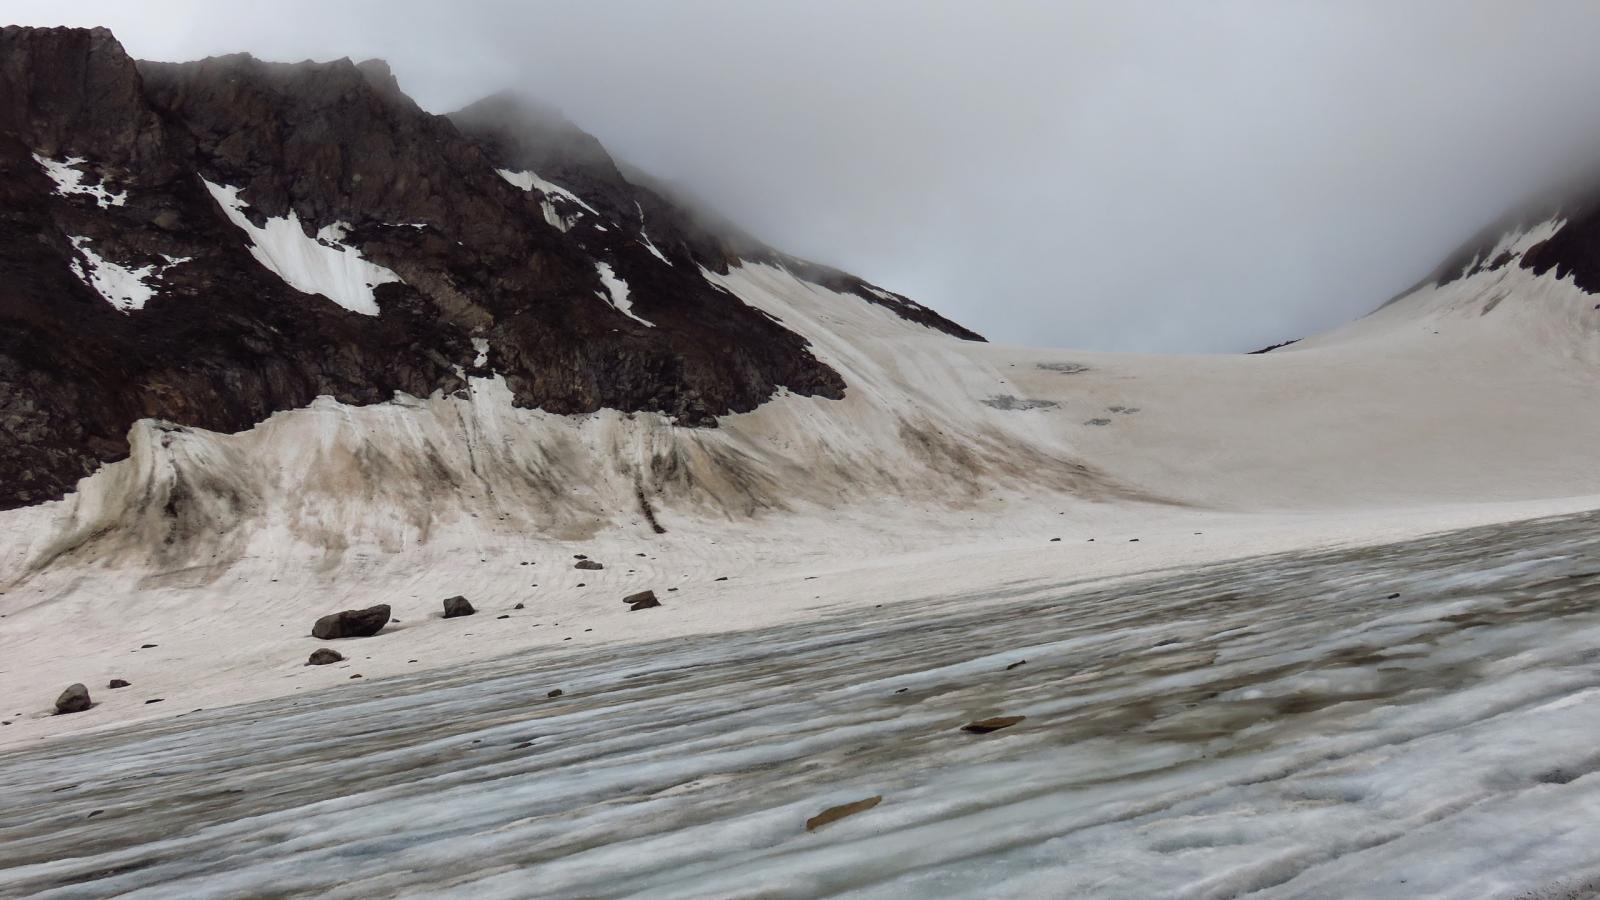 attraversando un tratto con ghiaccio scoperto verso la rampa che porta al Passo Mittleberg